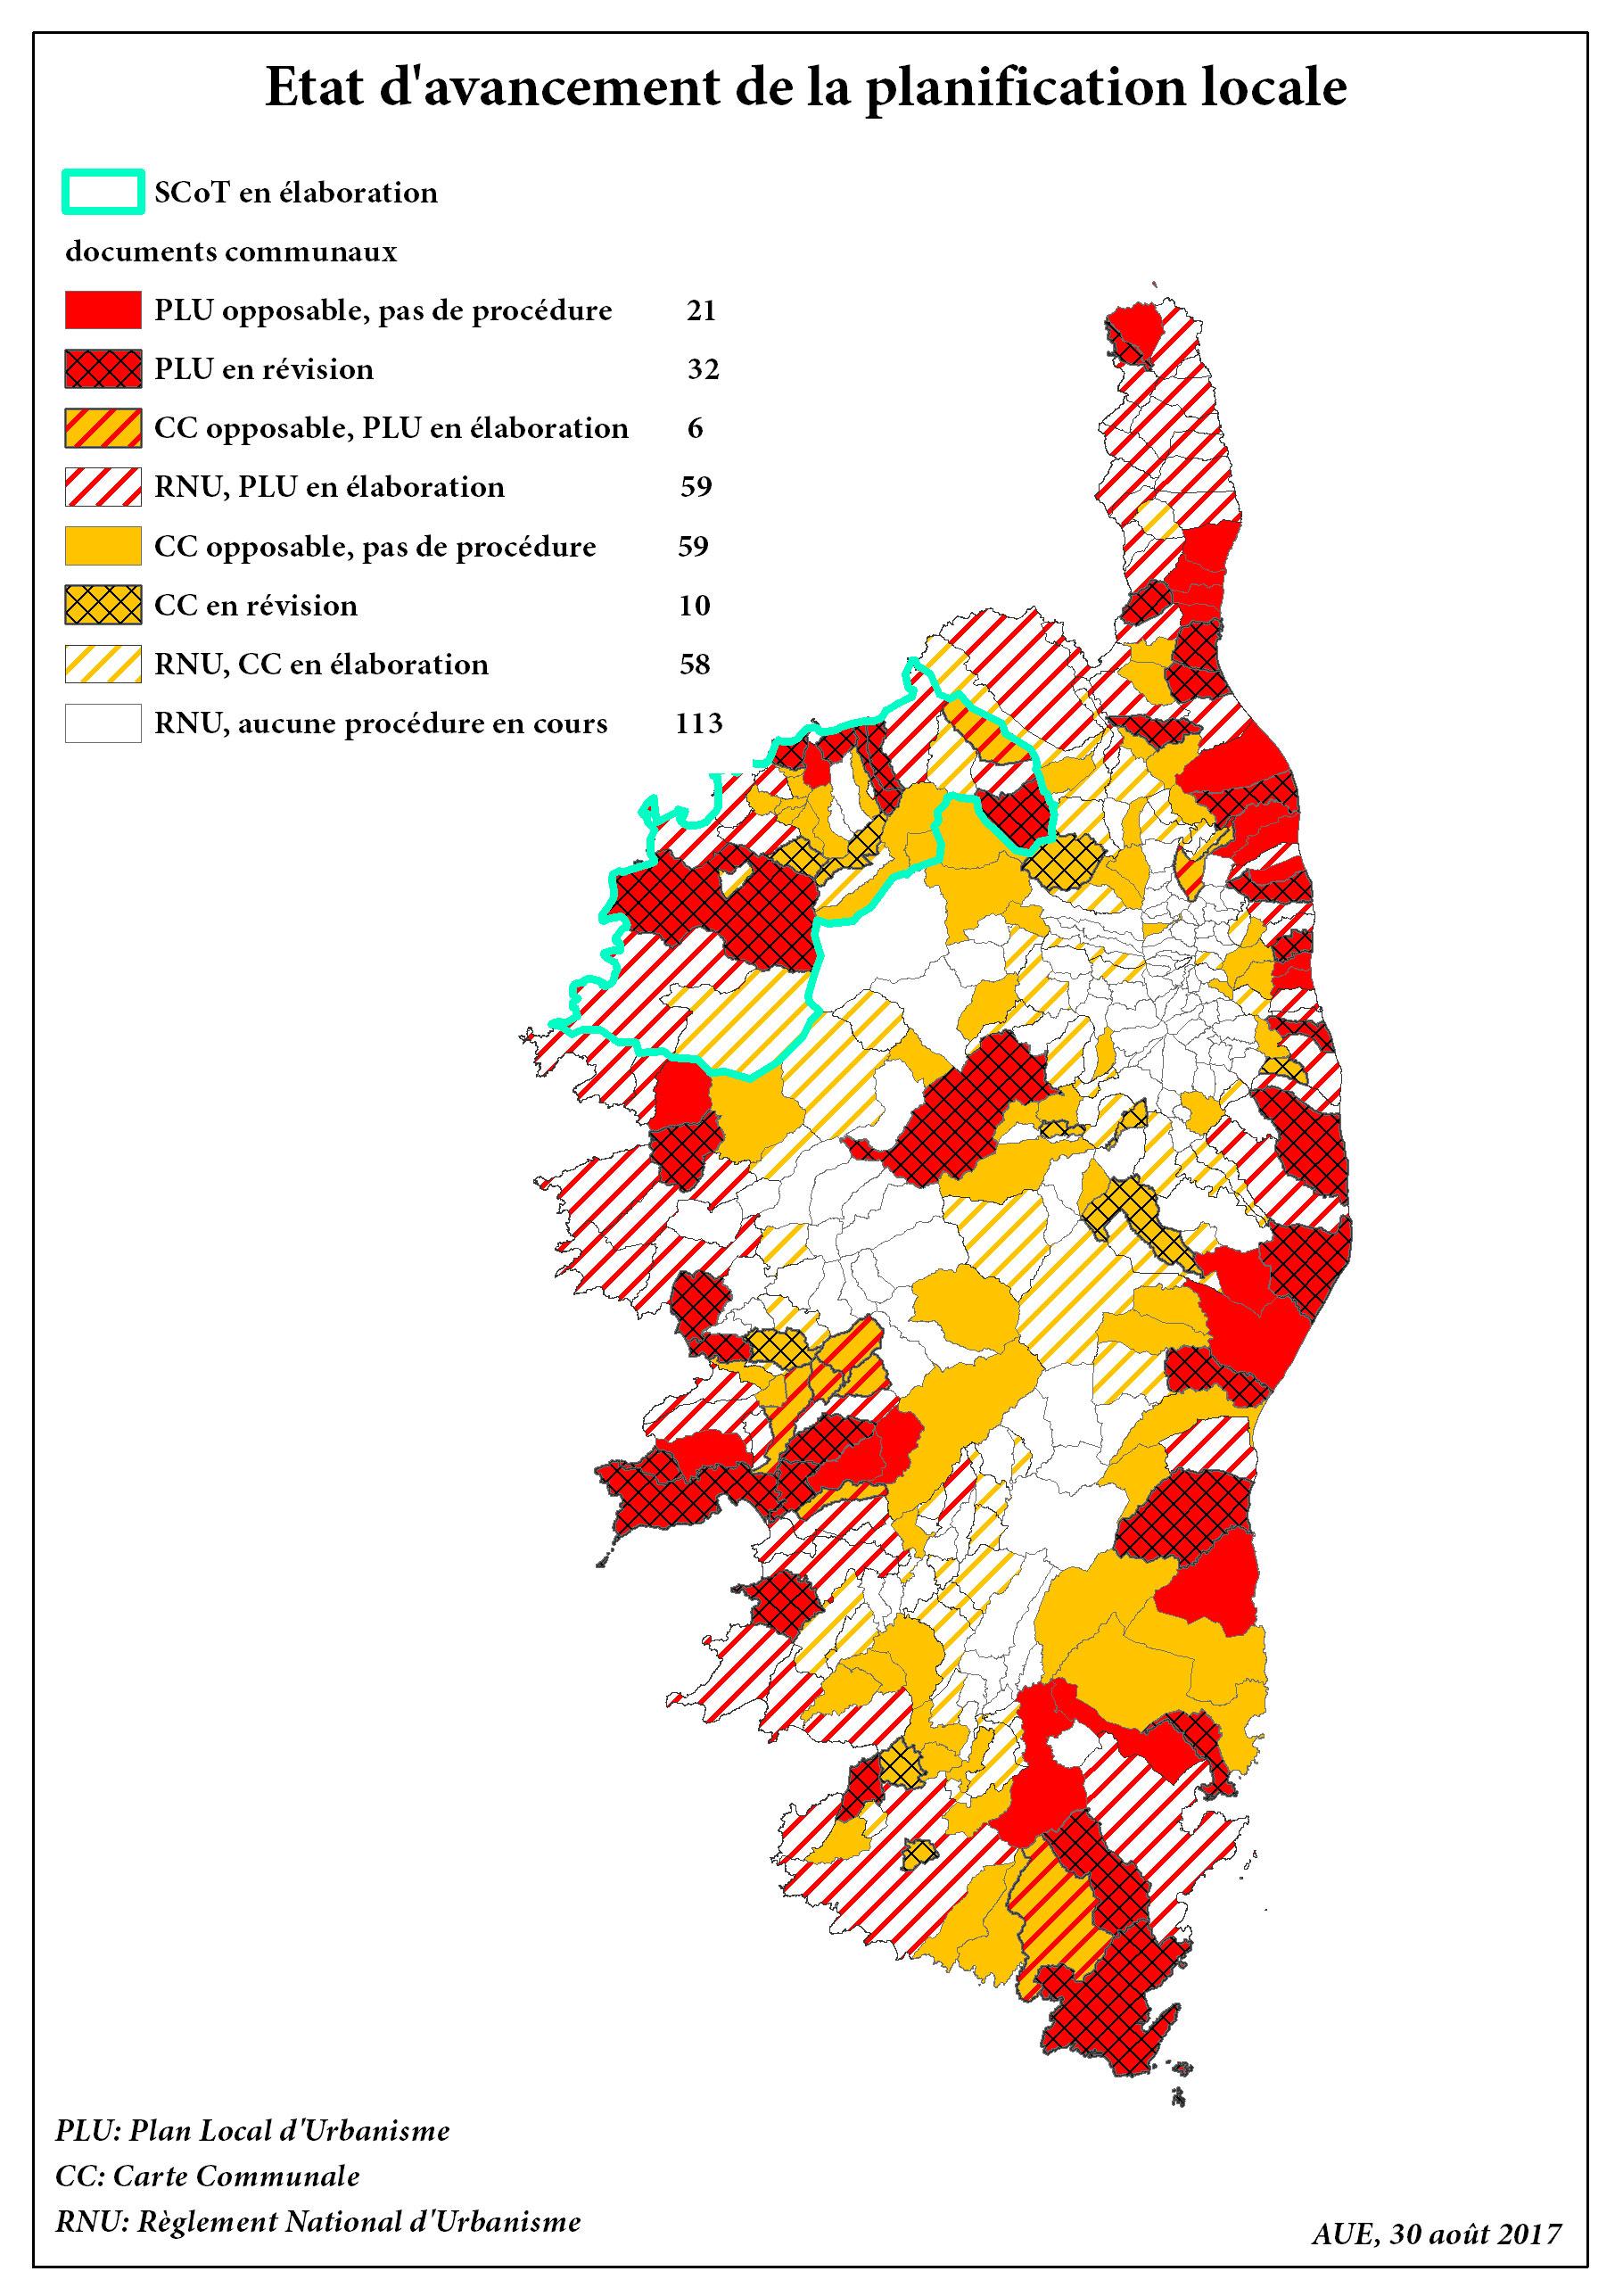 Rapport annuel d'évaluation et de suivi du PADDUC - Assemblée de Corse -  juillet 2017